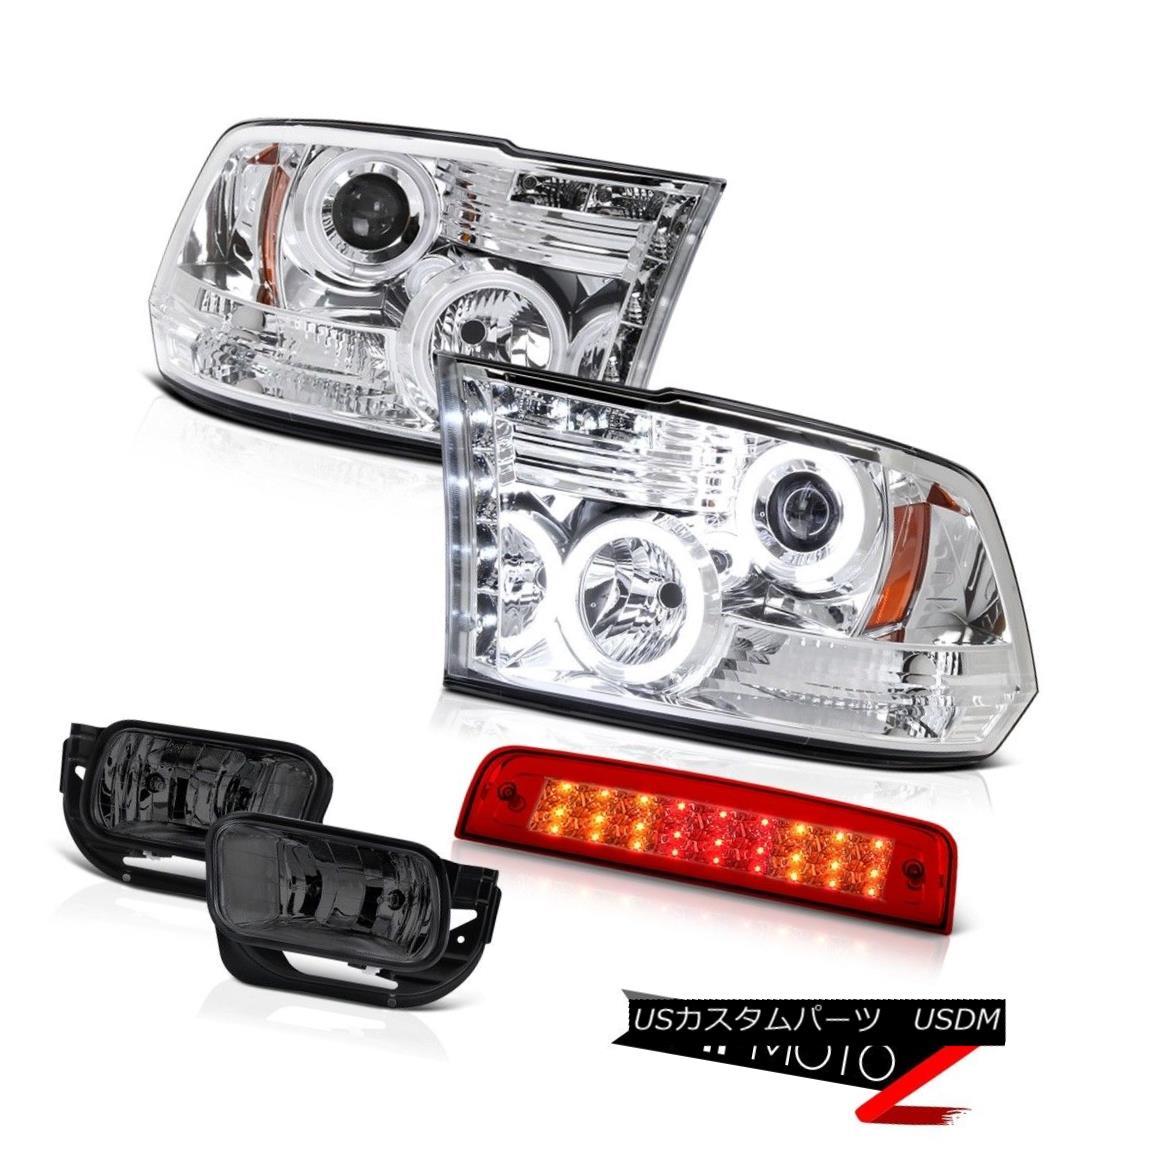 テールライト 10-18 Ram 2500 3500 SLT Red Third Brake Light Smokey Foglights Chrome Headlamps 10-18 Ram 2500 3500 SLTレッド第3ブレーキライトスモーキーフォギーライトクロームヘッドランプ